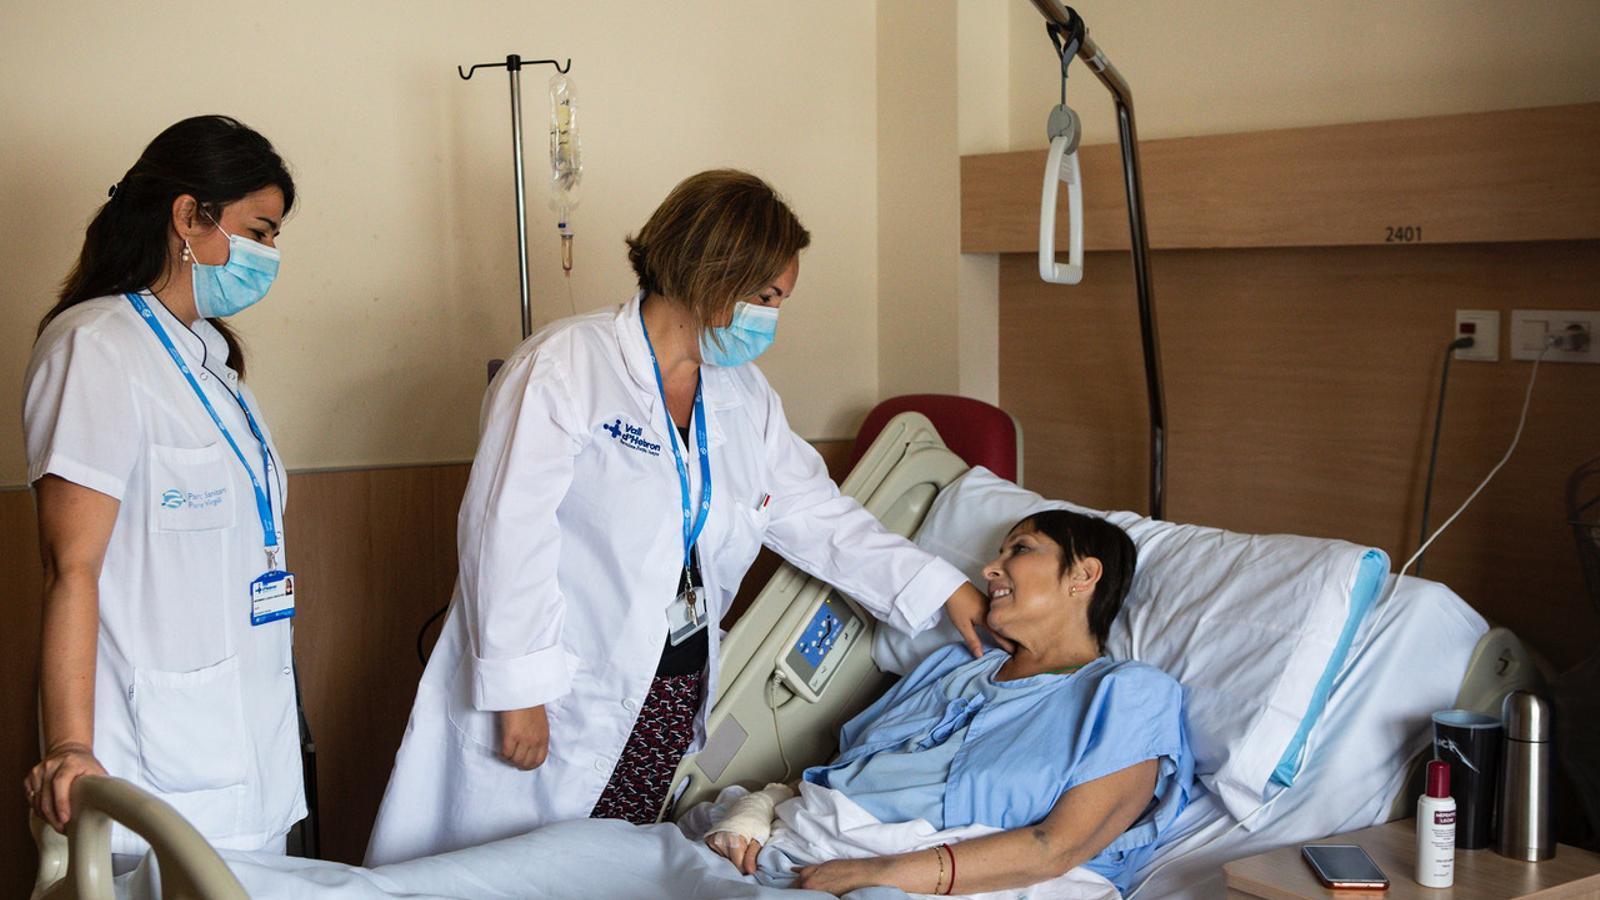 Al centre la doctora Patricia Gómez, coordinadora de la unitat, parlant amb una pacient